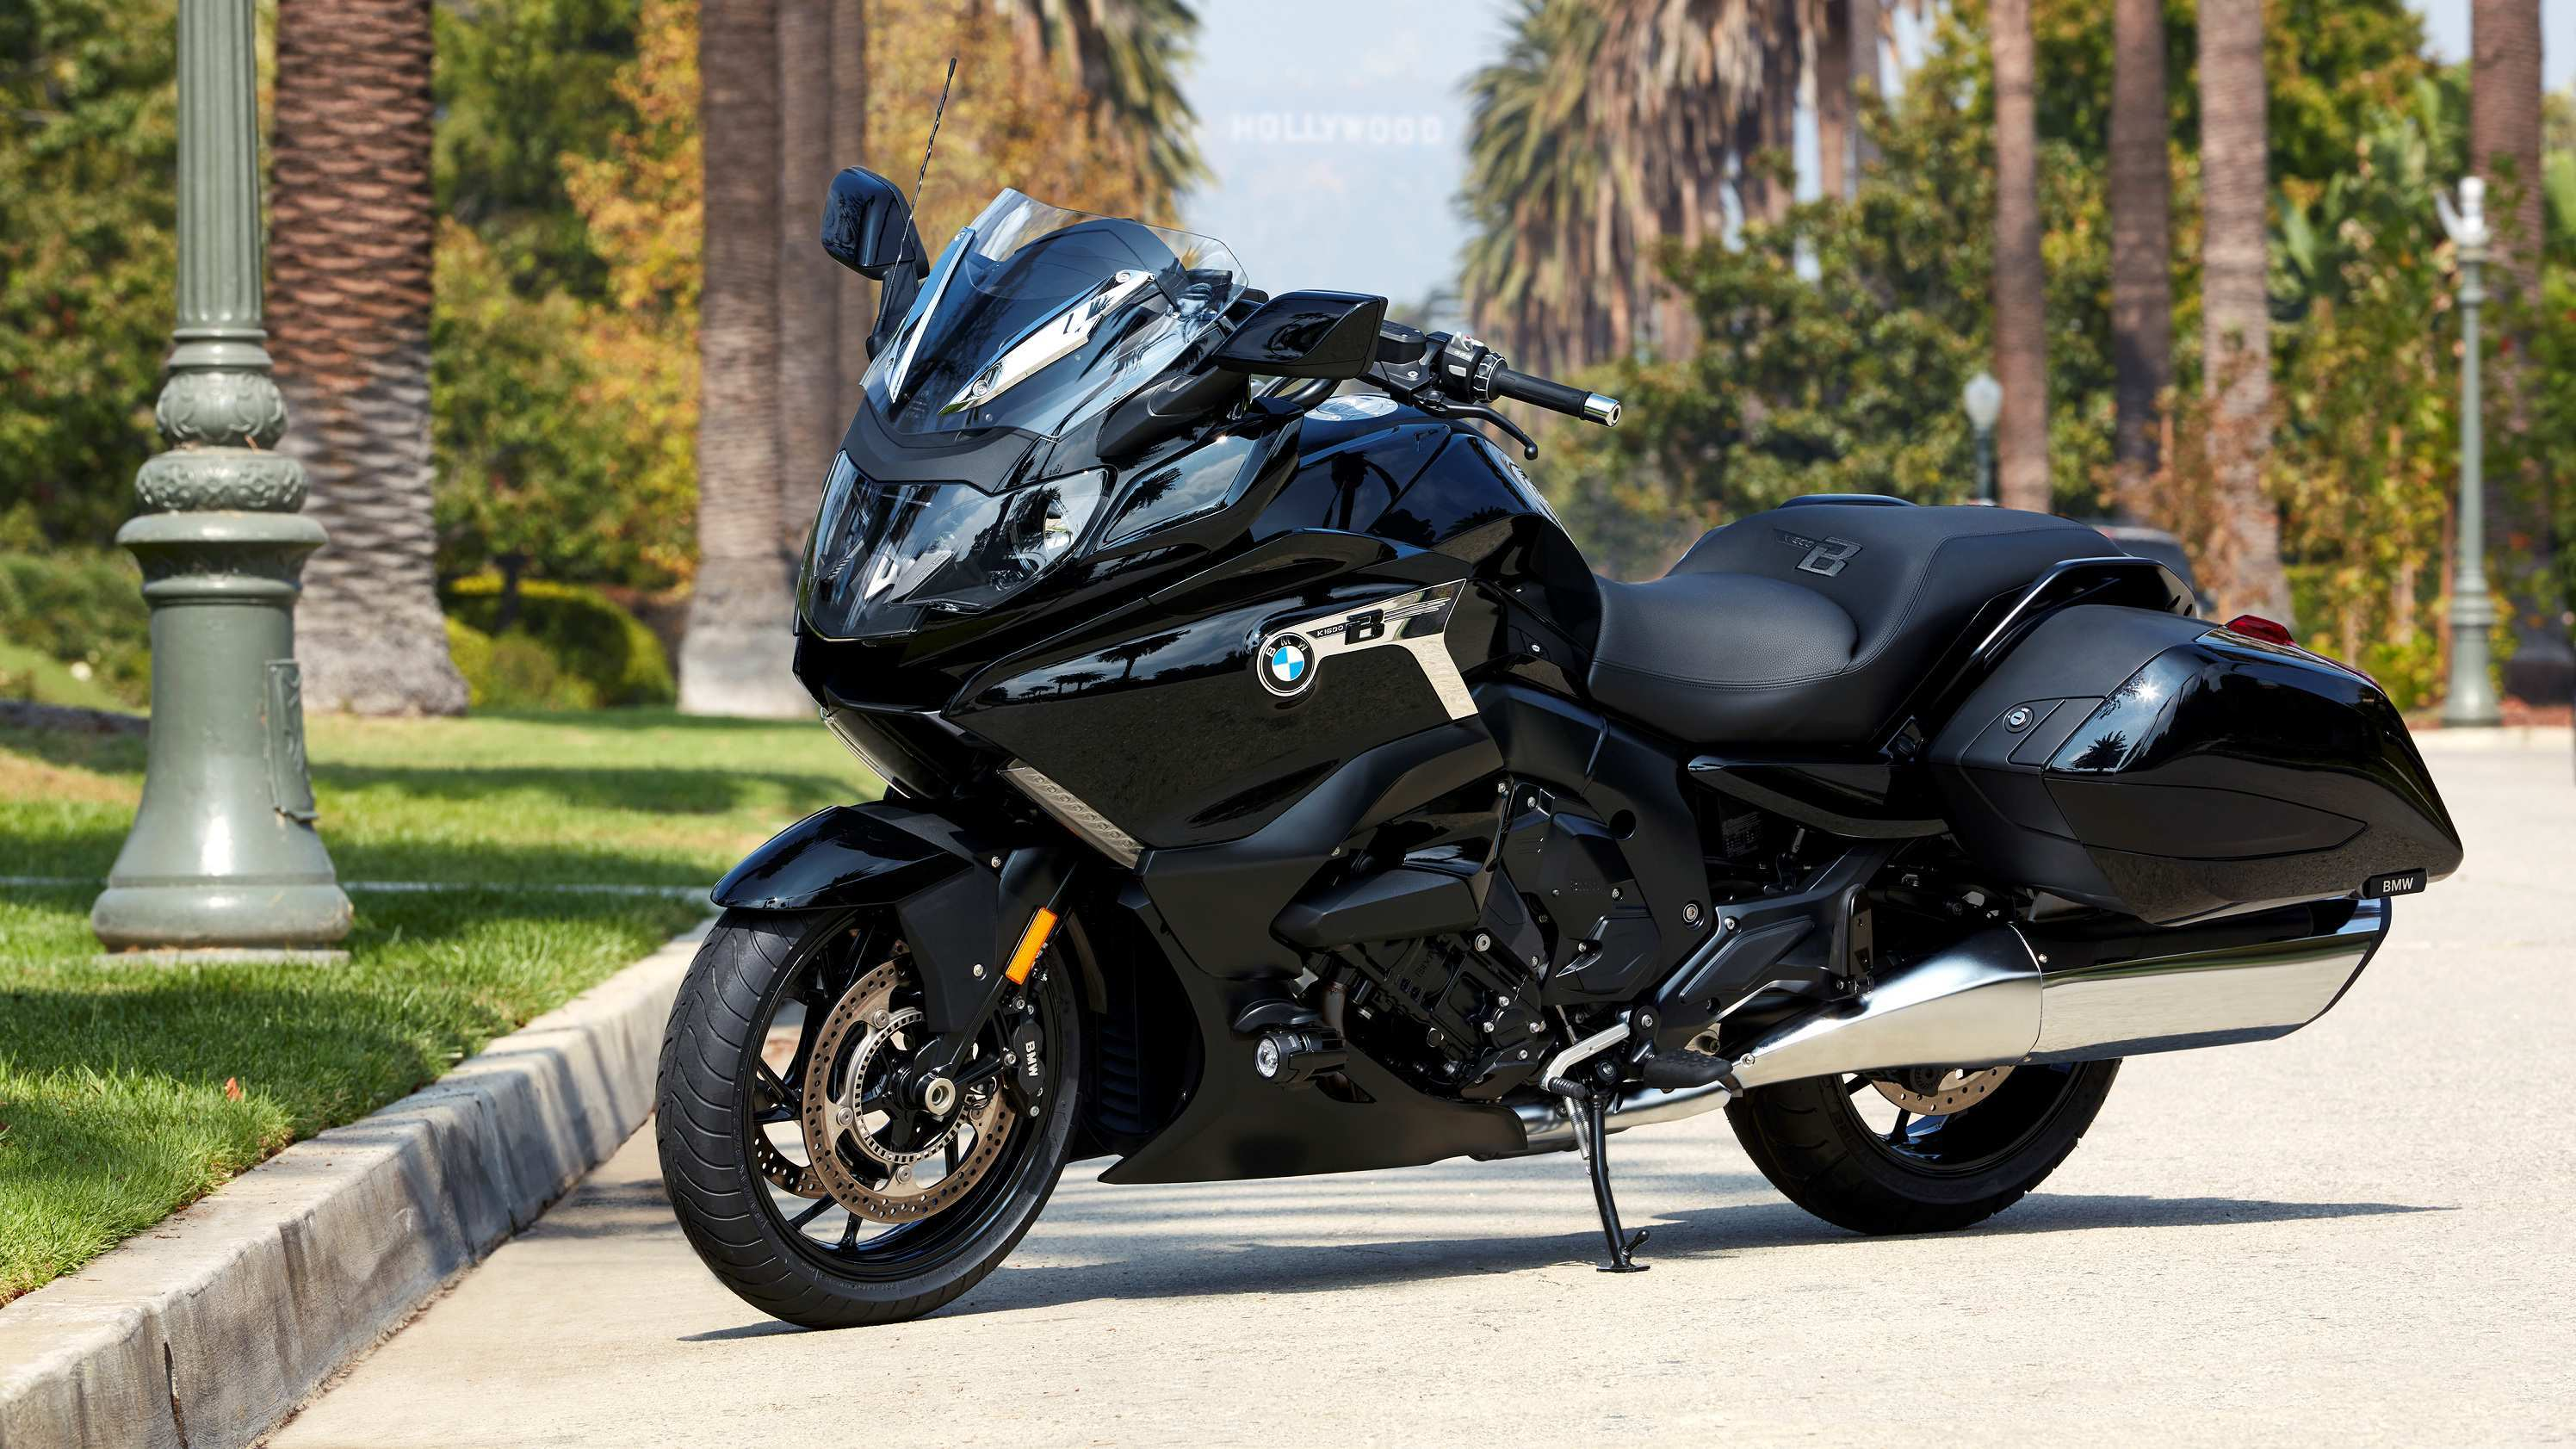 77 All New BMW K1600B 2020 Performance with BMW K1600B 2020